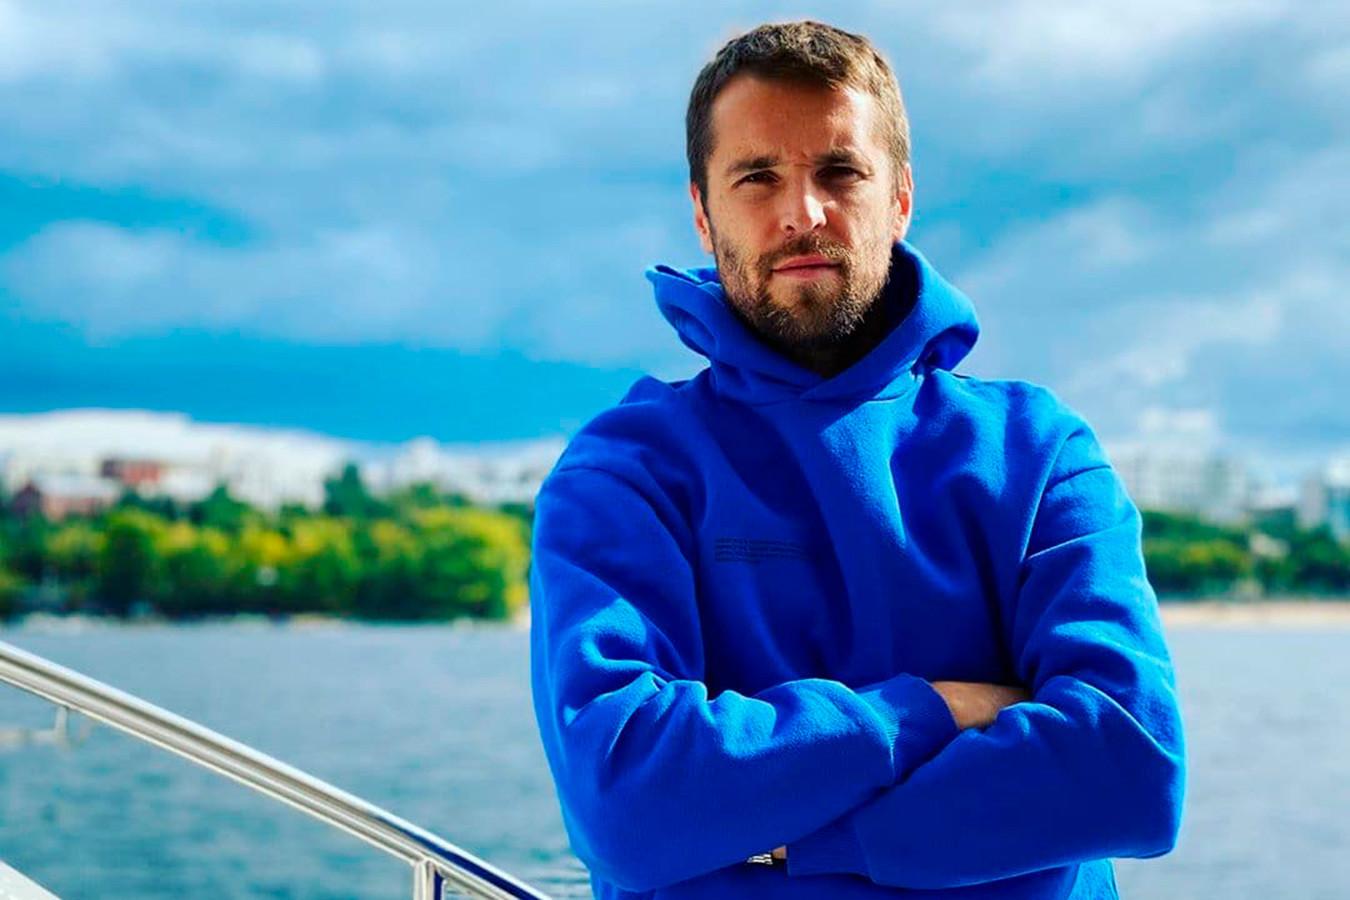 Дмитрий Комбаров прокомментировал видео, на котором он покидает стадион на «Ламборгини»